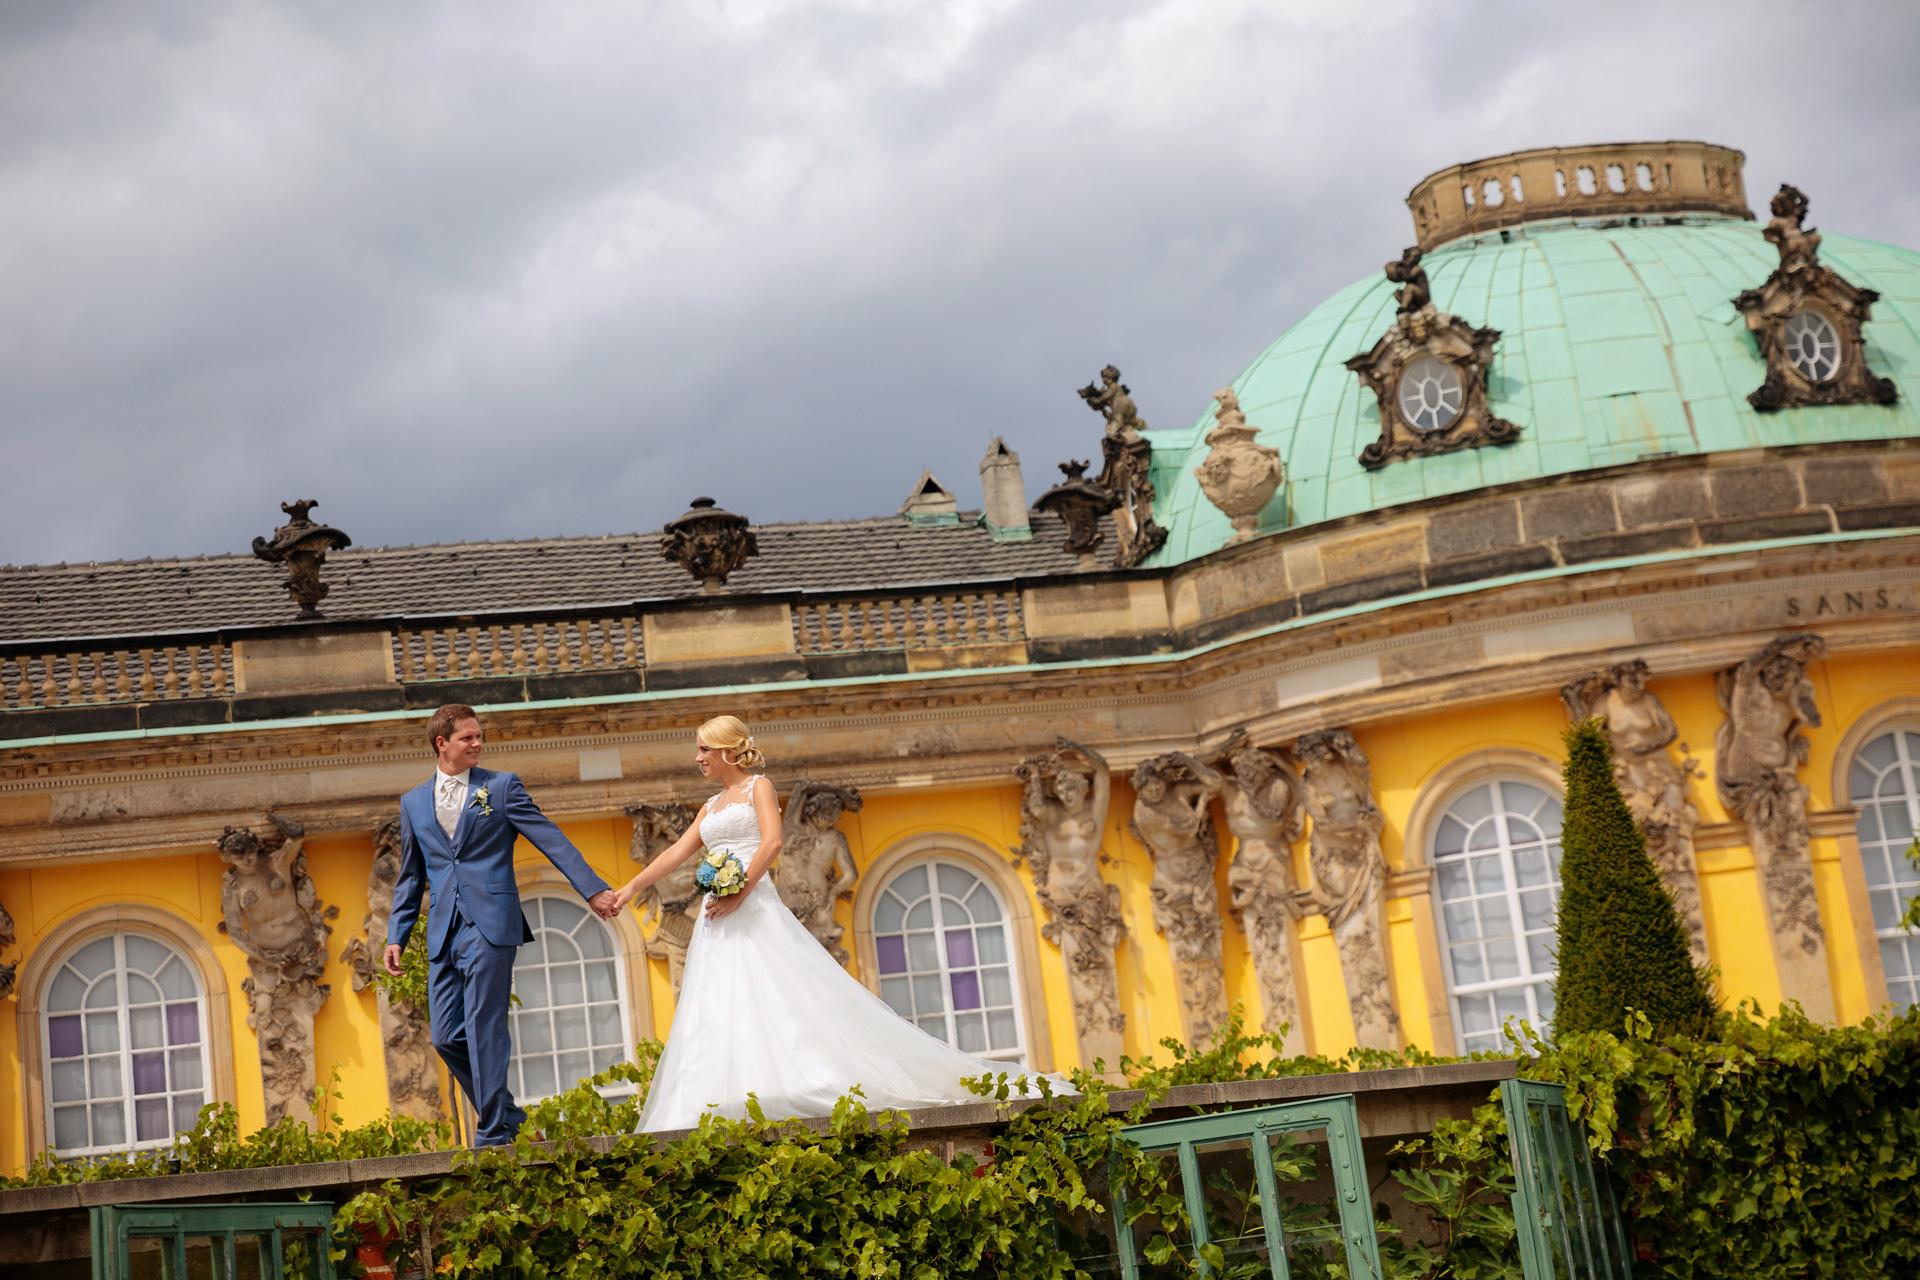 Hochzeitsfoto mit Brautpaar vor dem Schloss Sanssouci in Potsdam